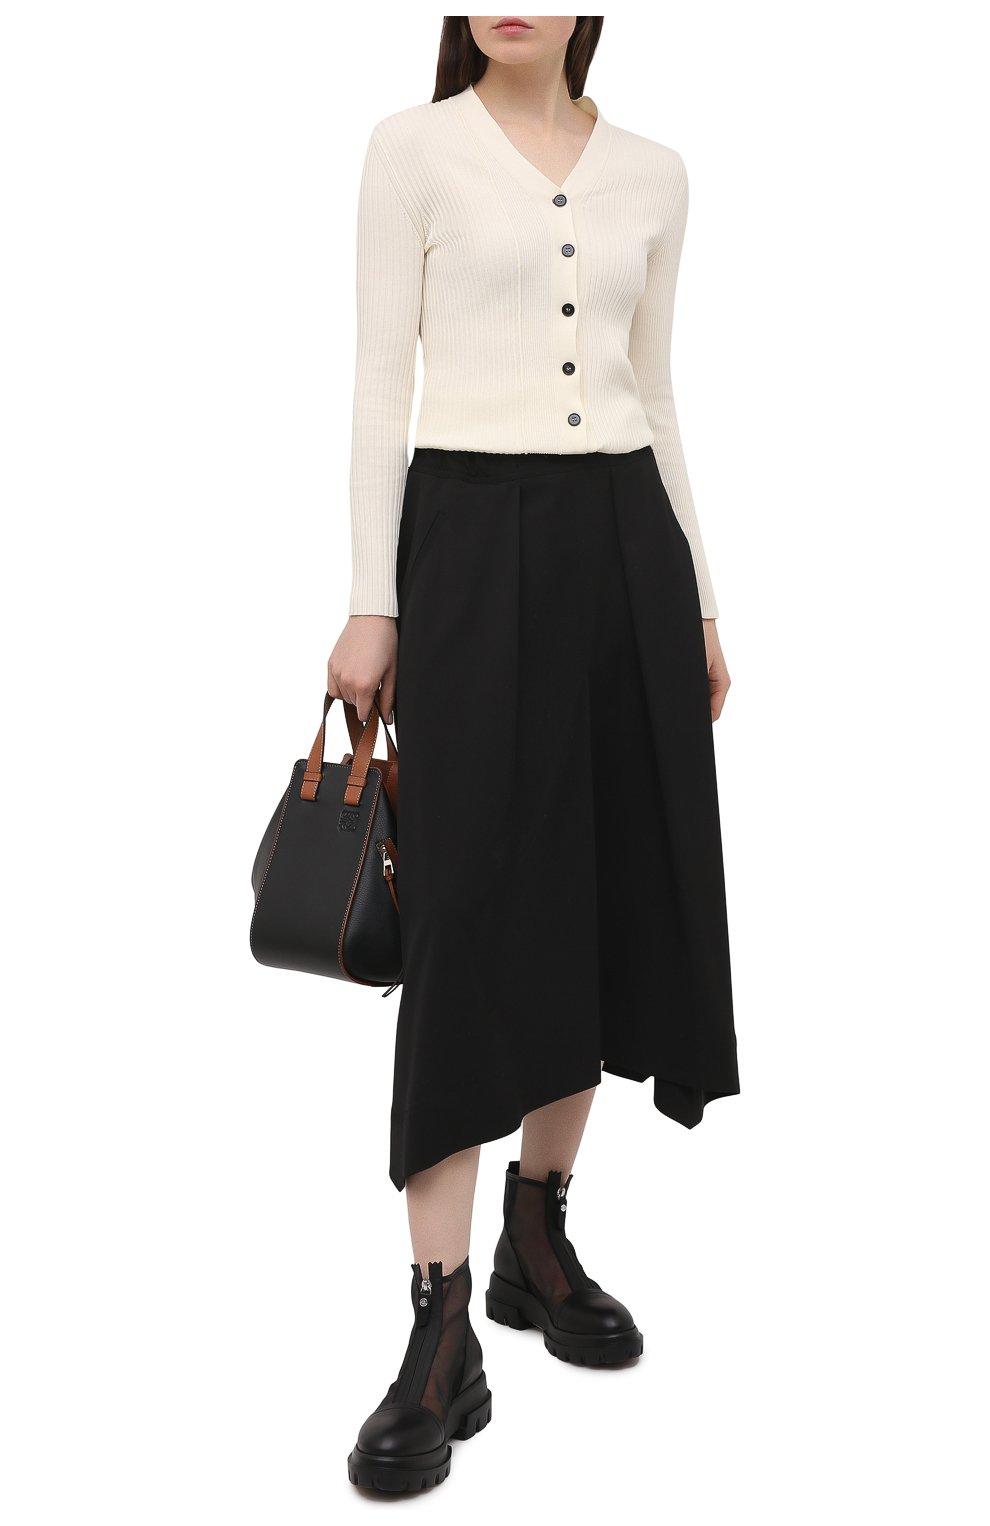 Женские комбинированные ботинки AGL черного цвета, арт. D756559PGKD0411049 | Фото 2 (Материал внешний: Текстиль; Подошва: Платформа; Каблук высота: Низкий; Материал внутренний: Натуральная кожа; Женское Кросс-КТ: Байкеры-ботинки)